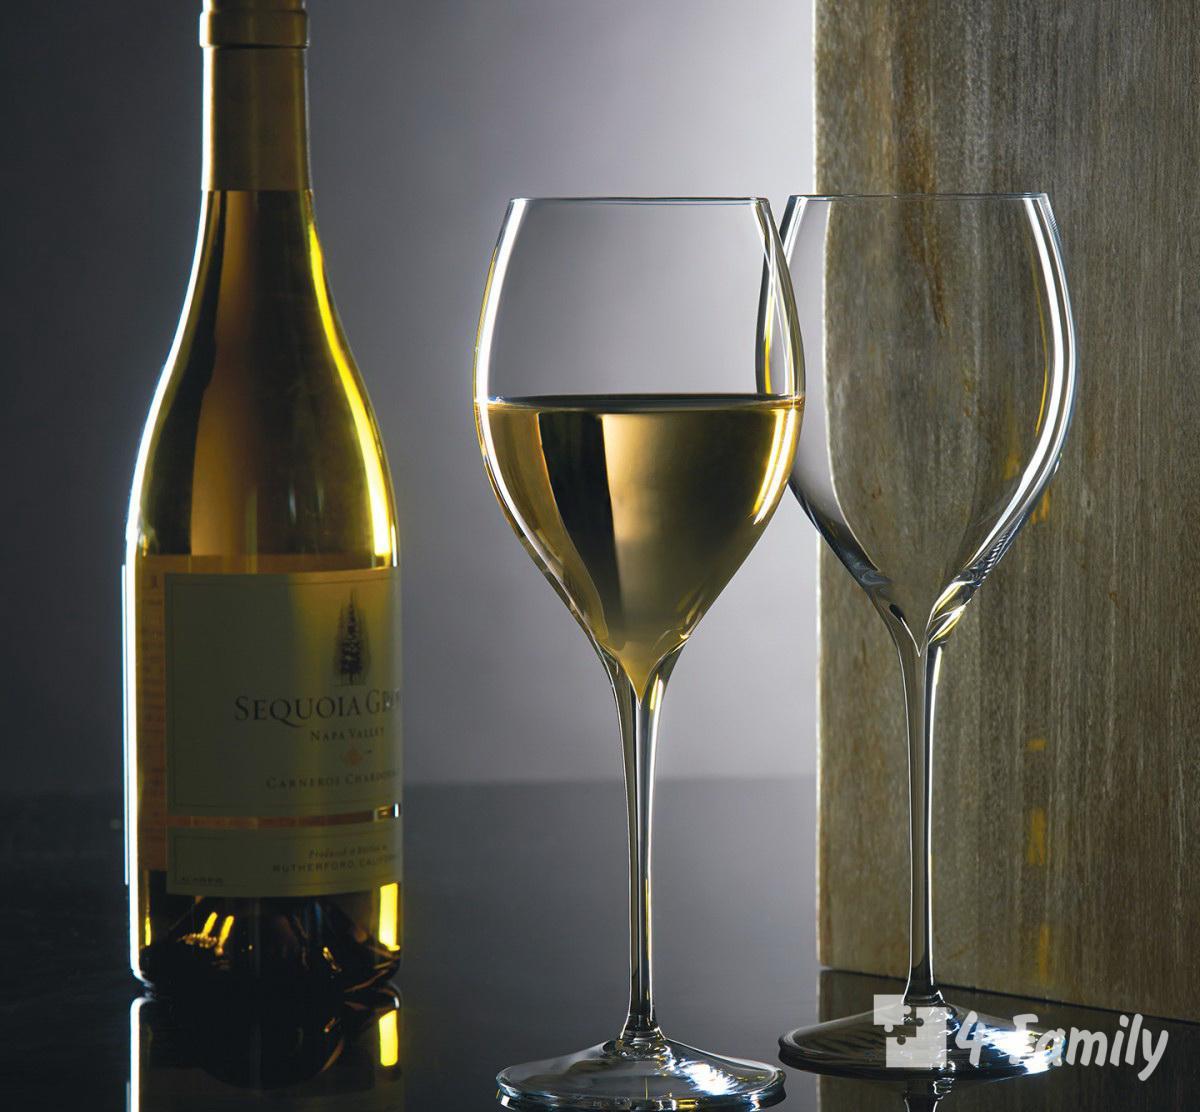 4family Как выбрать вино Шардоне